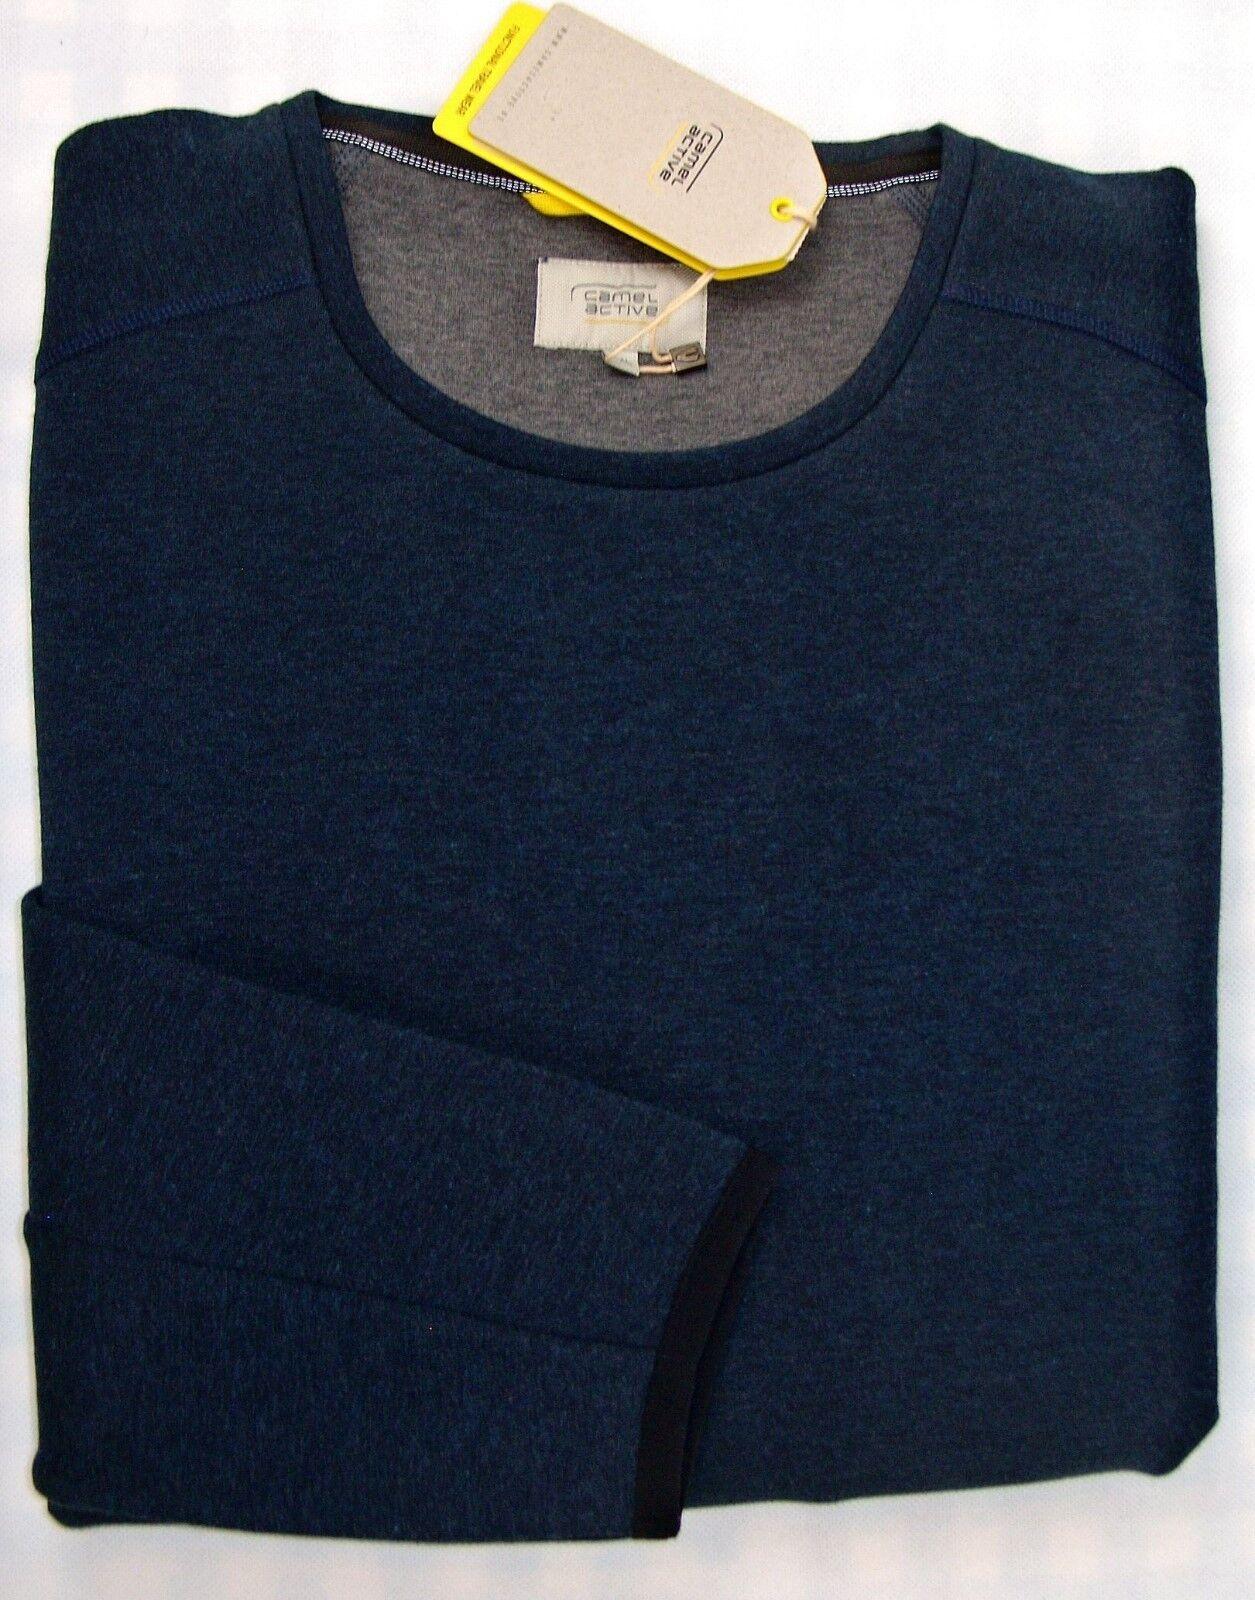 CAMEL Active Sweatshirt langarm Übergröße 2XL 4XL 5XL dunkelblau NEU Jetzt-40%  | Up-to-date-styling